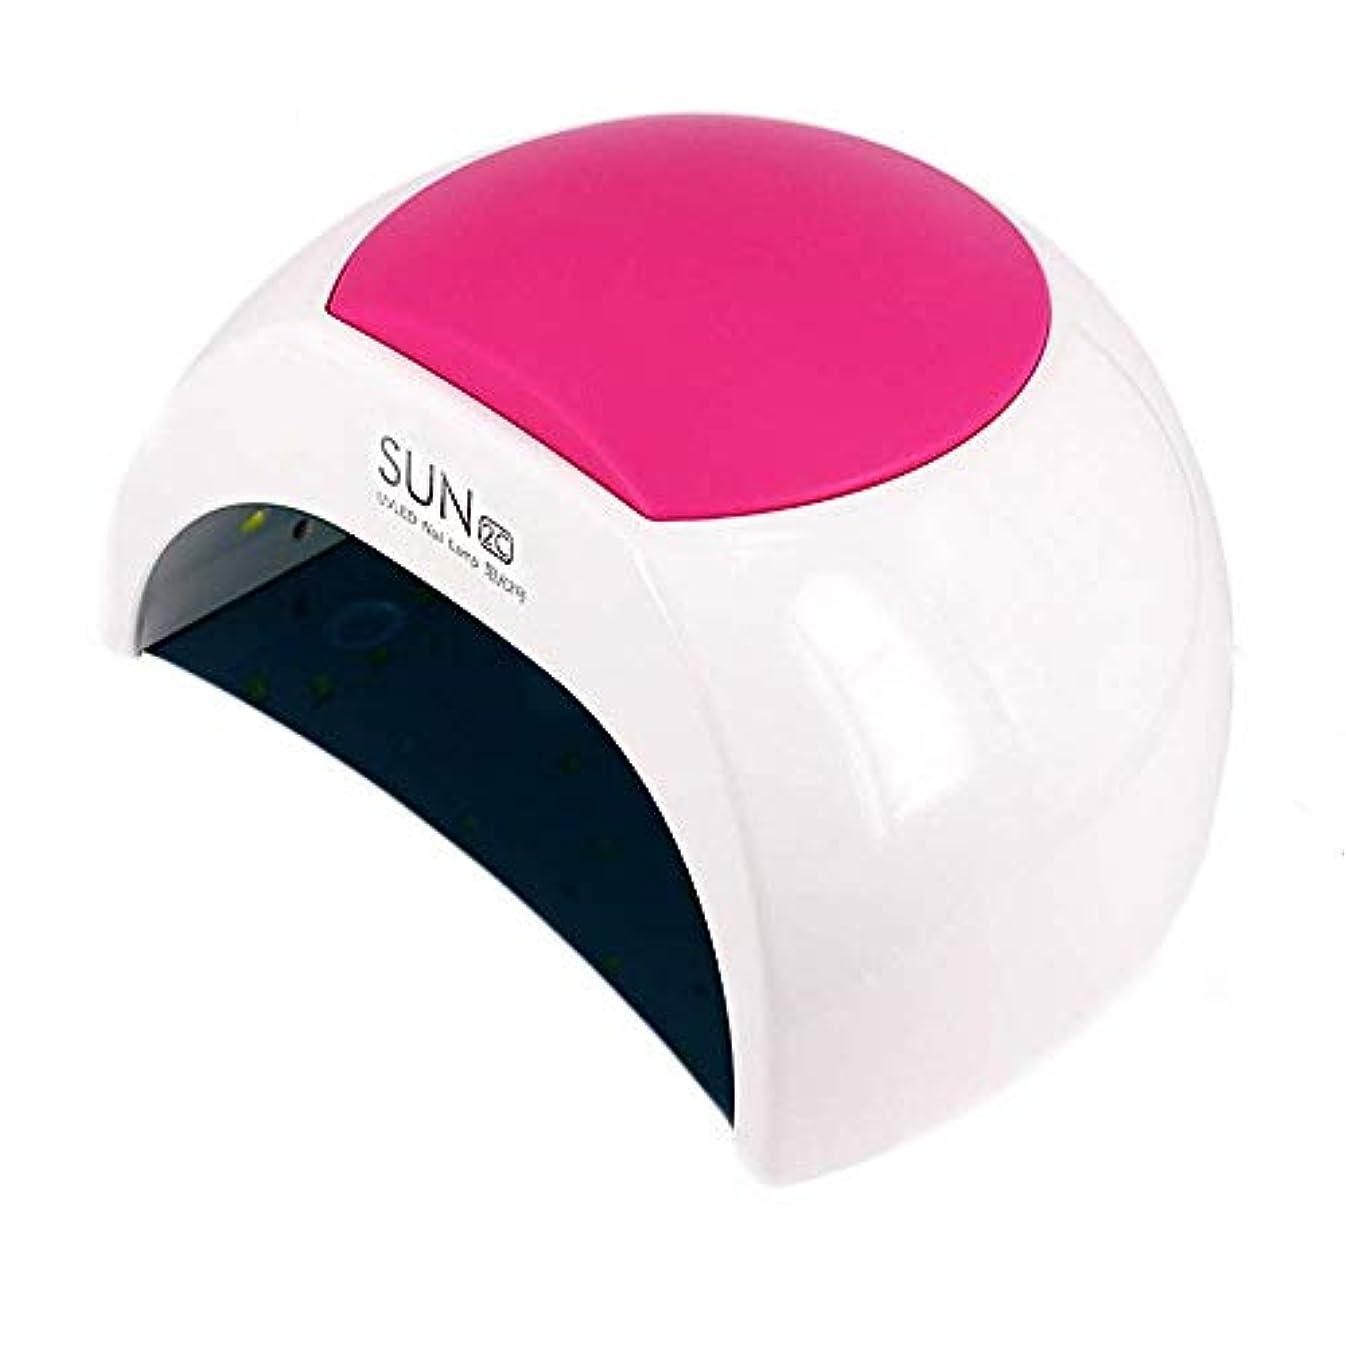 ただやる乳製品報酬速乾性マニキュアランプLED光線療法ランプネイルポリッシャードライヤーランプ48Wネイル光線療法機